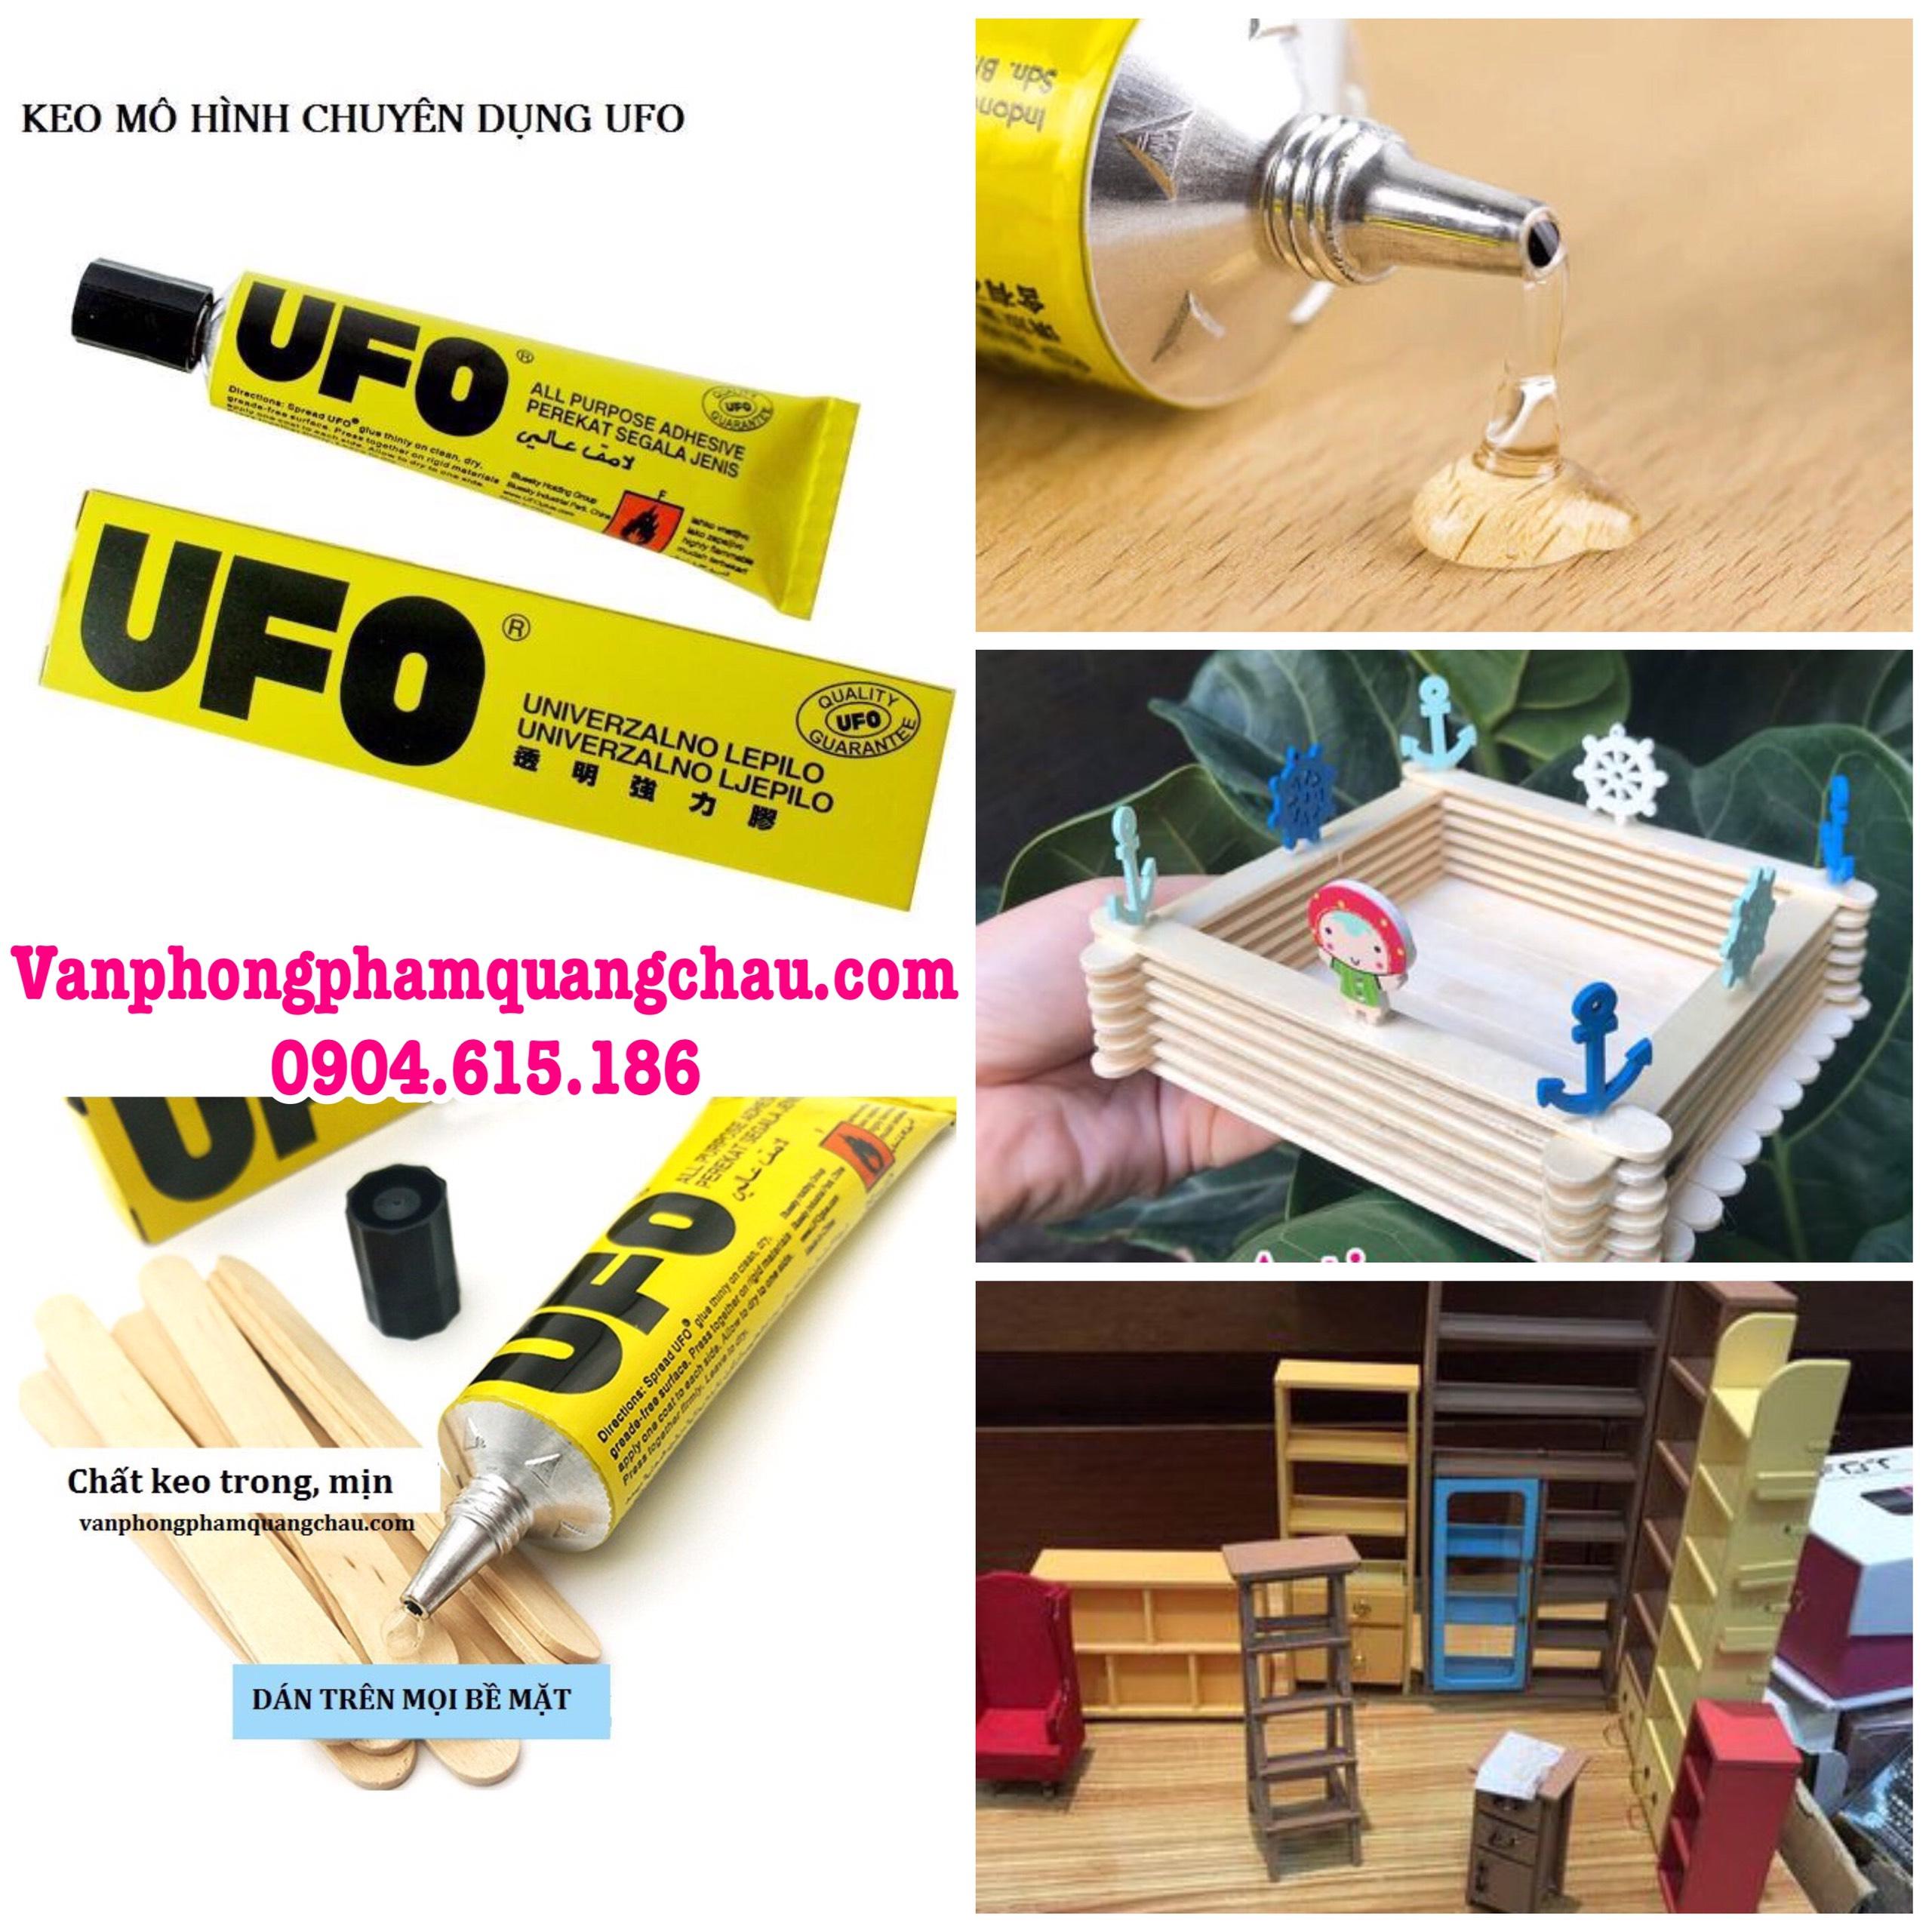 Keo UFO chuyên dụng dán mô hình gỗ (01 tuýp/35ml)_PKM35